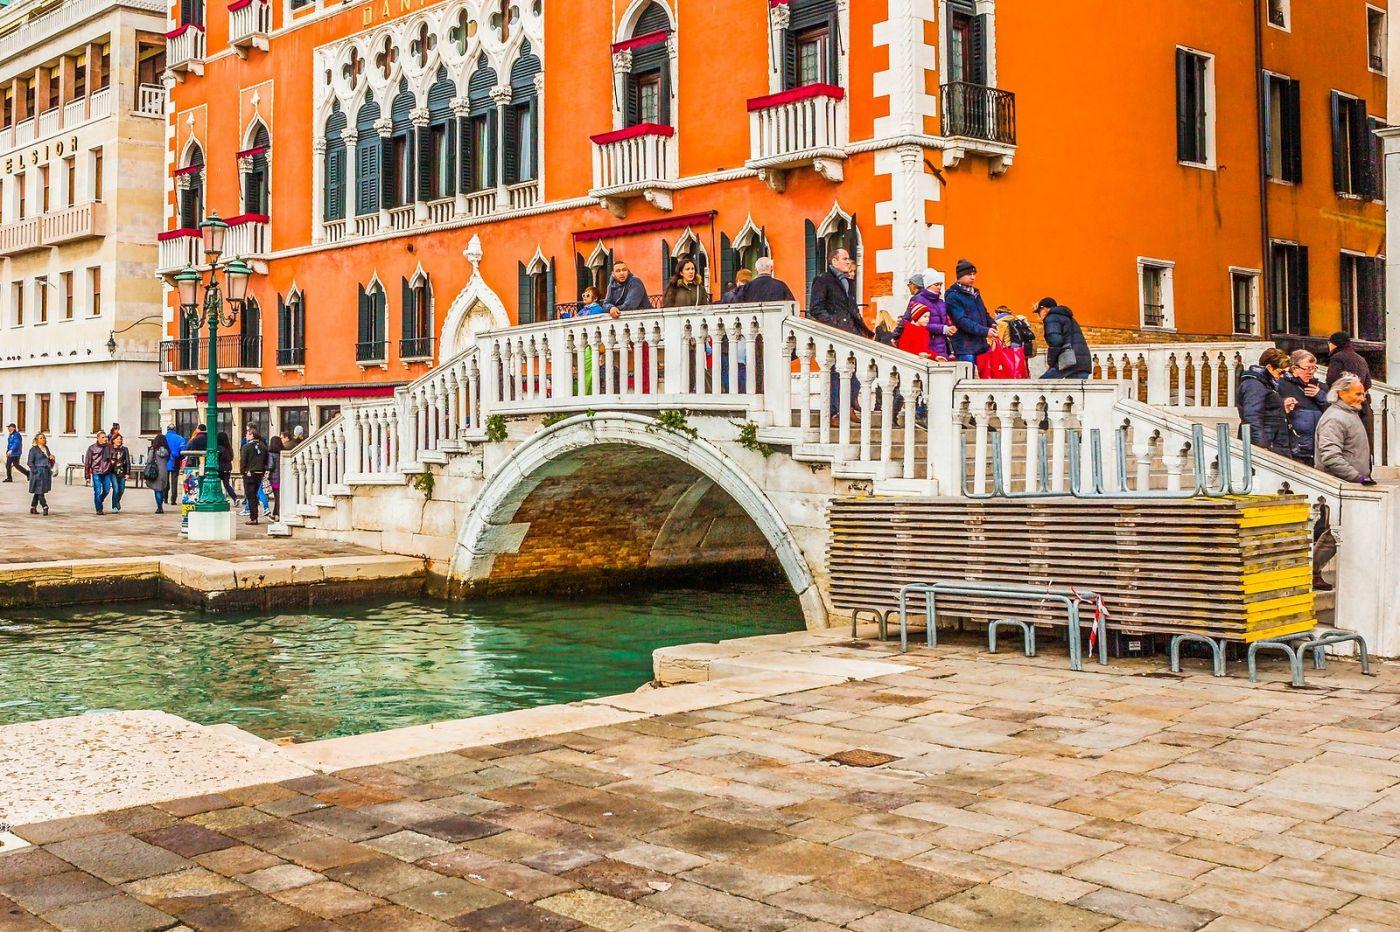 意大利威尼斯,桥的艺术_图1-14